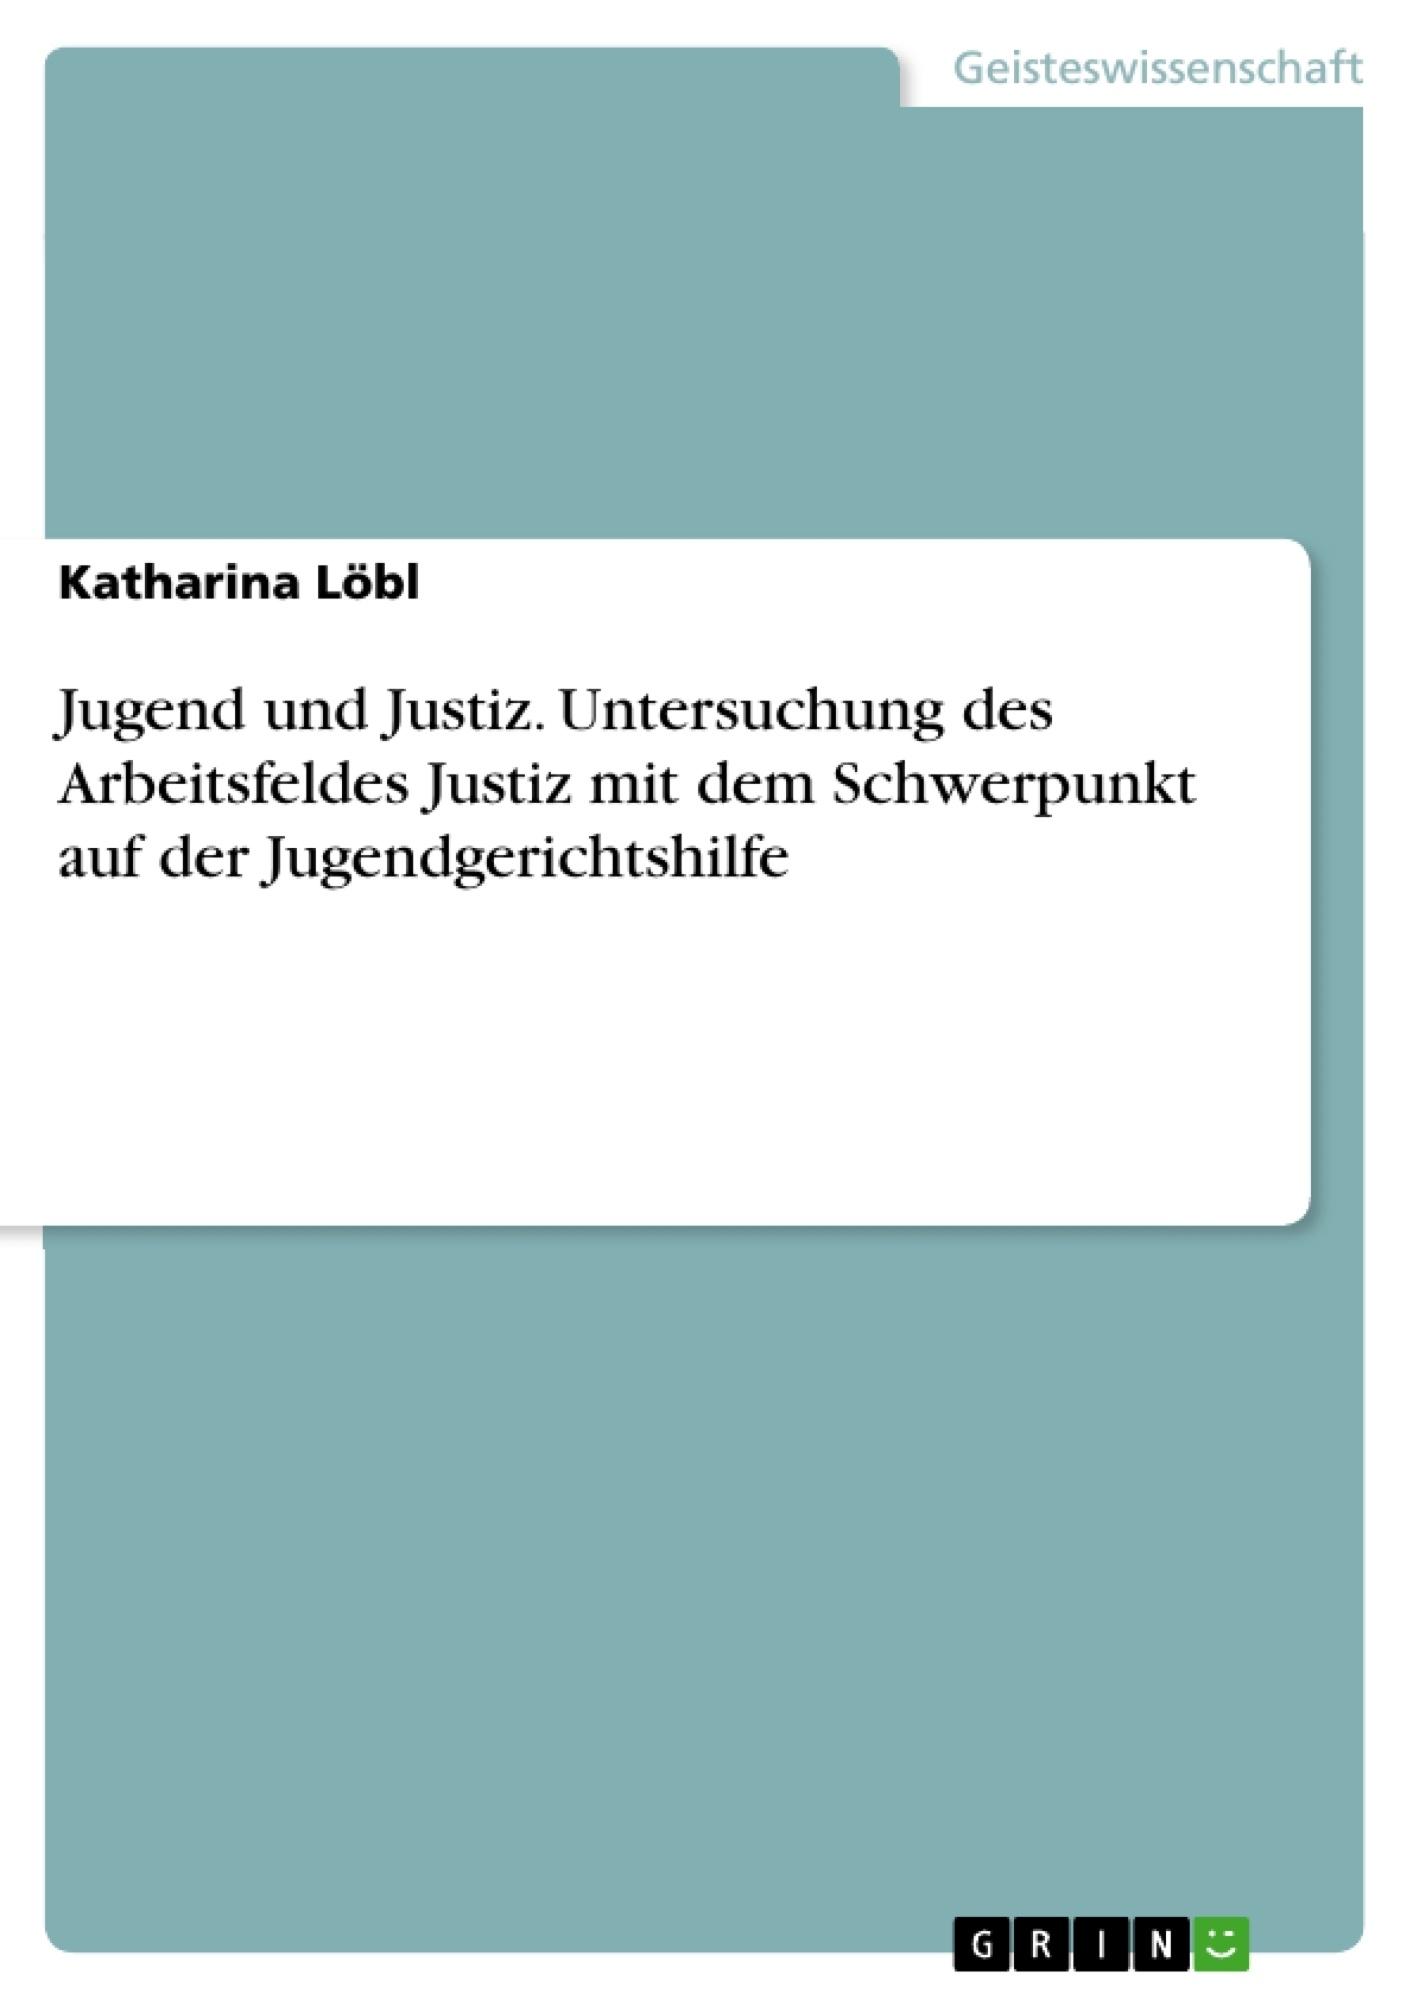 Titel: Jugend und Justiz. Untersuchung des Arbeitsfeldes Justiz mit dem Schwerpunkt auf der Jugendgerichtshilfe